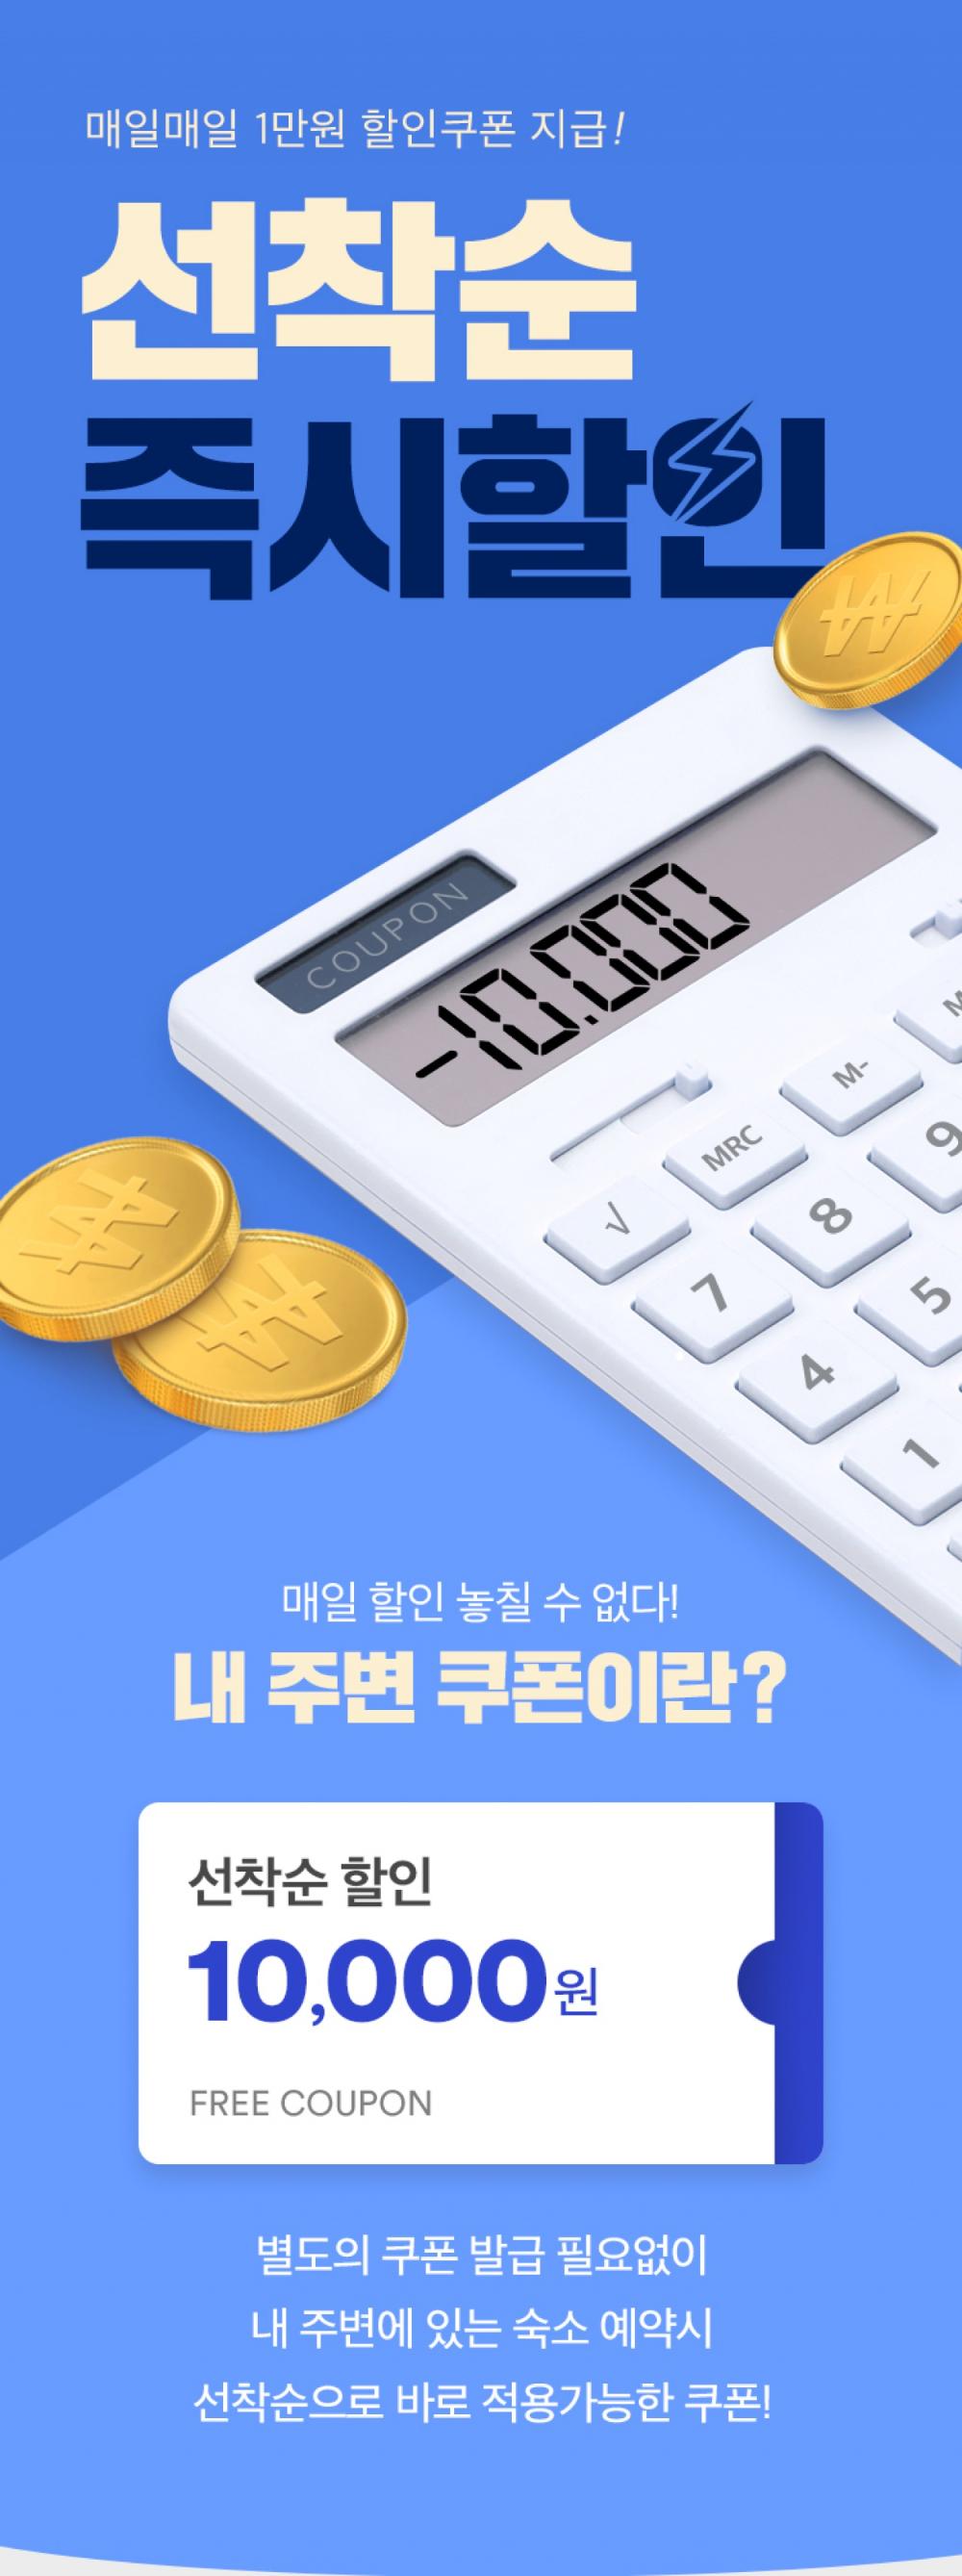 [ALL] 선착순 내주변 즉시할인   대한민국 최저가 종합숙박 예약   야놀자 공식 모바일 사이트